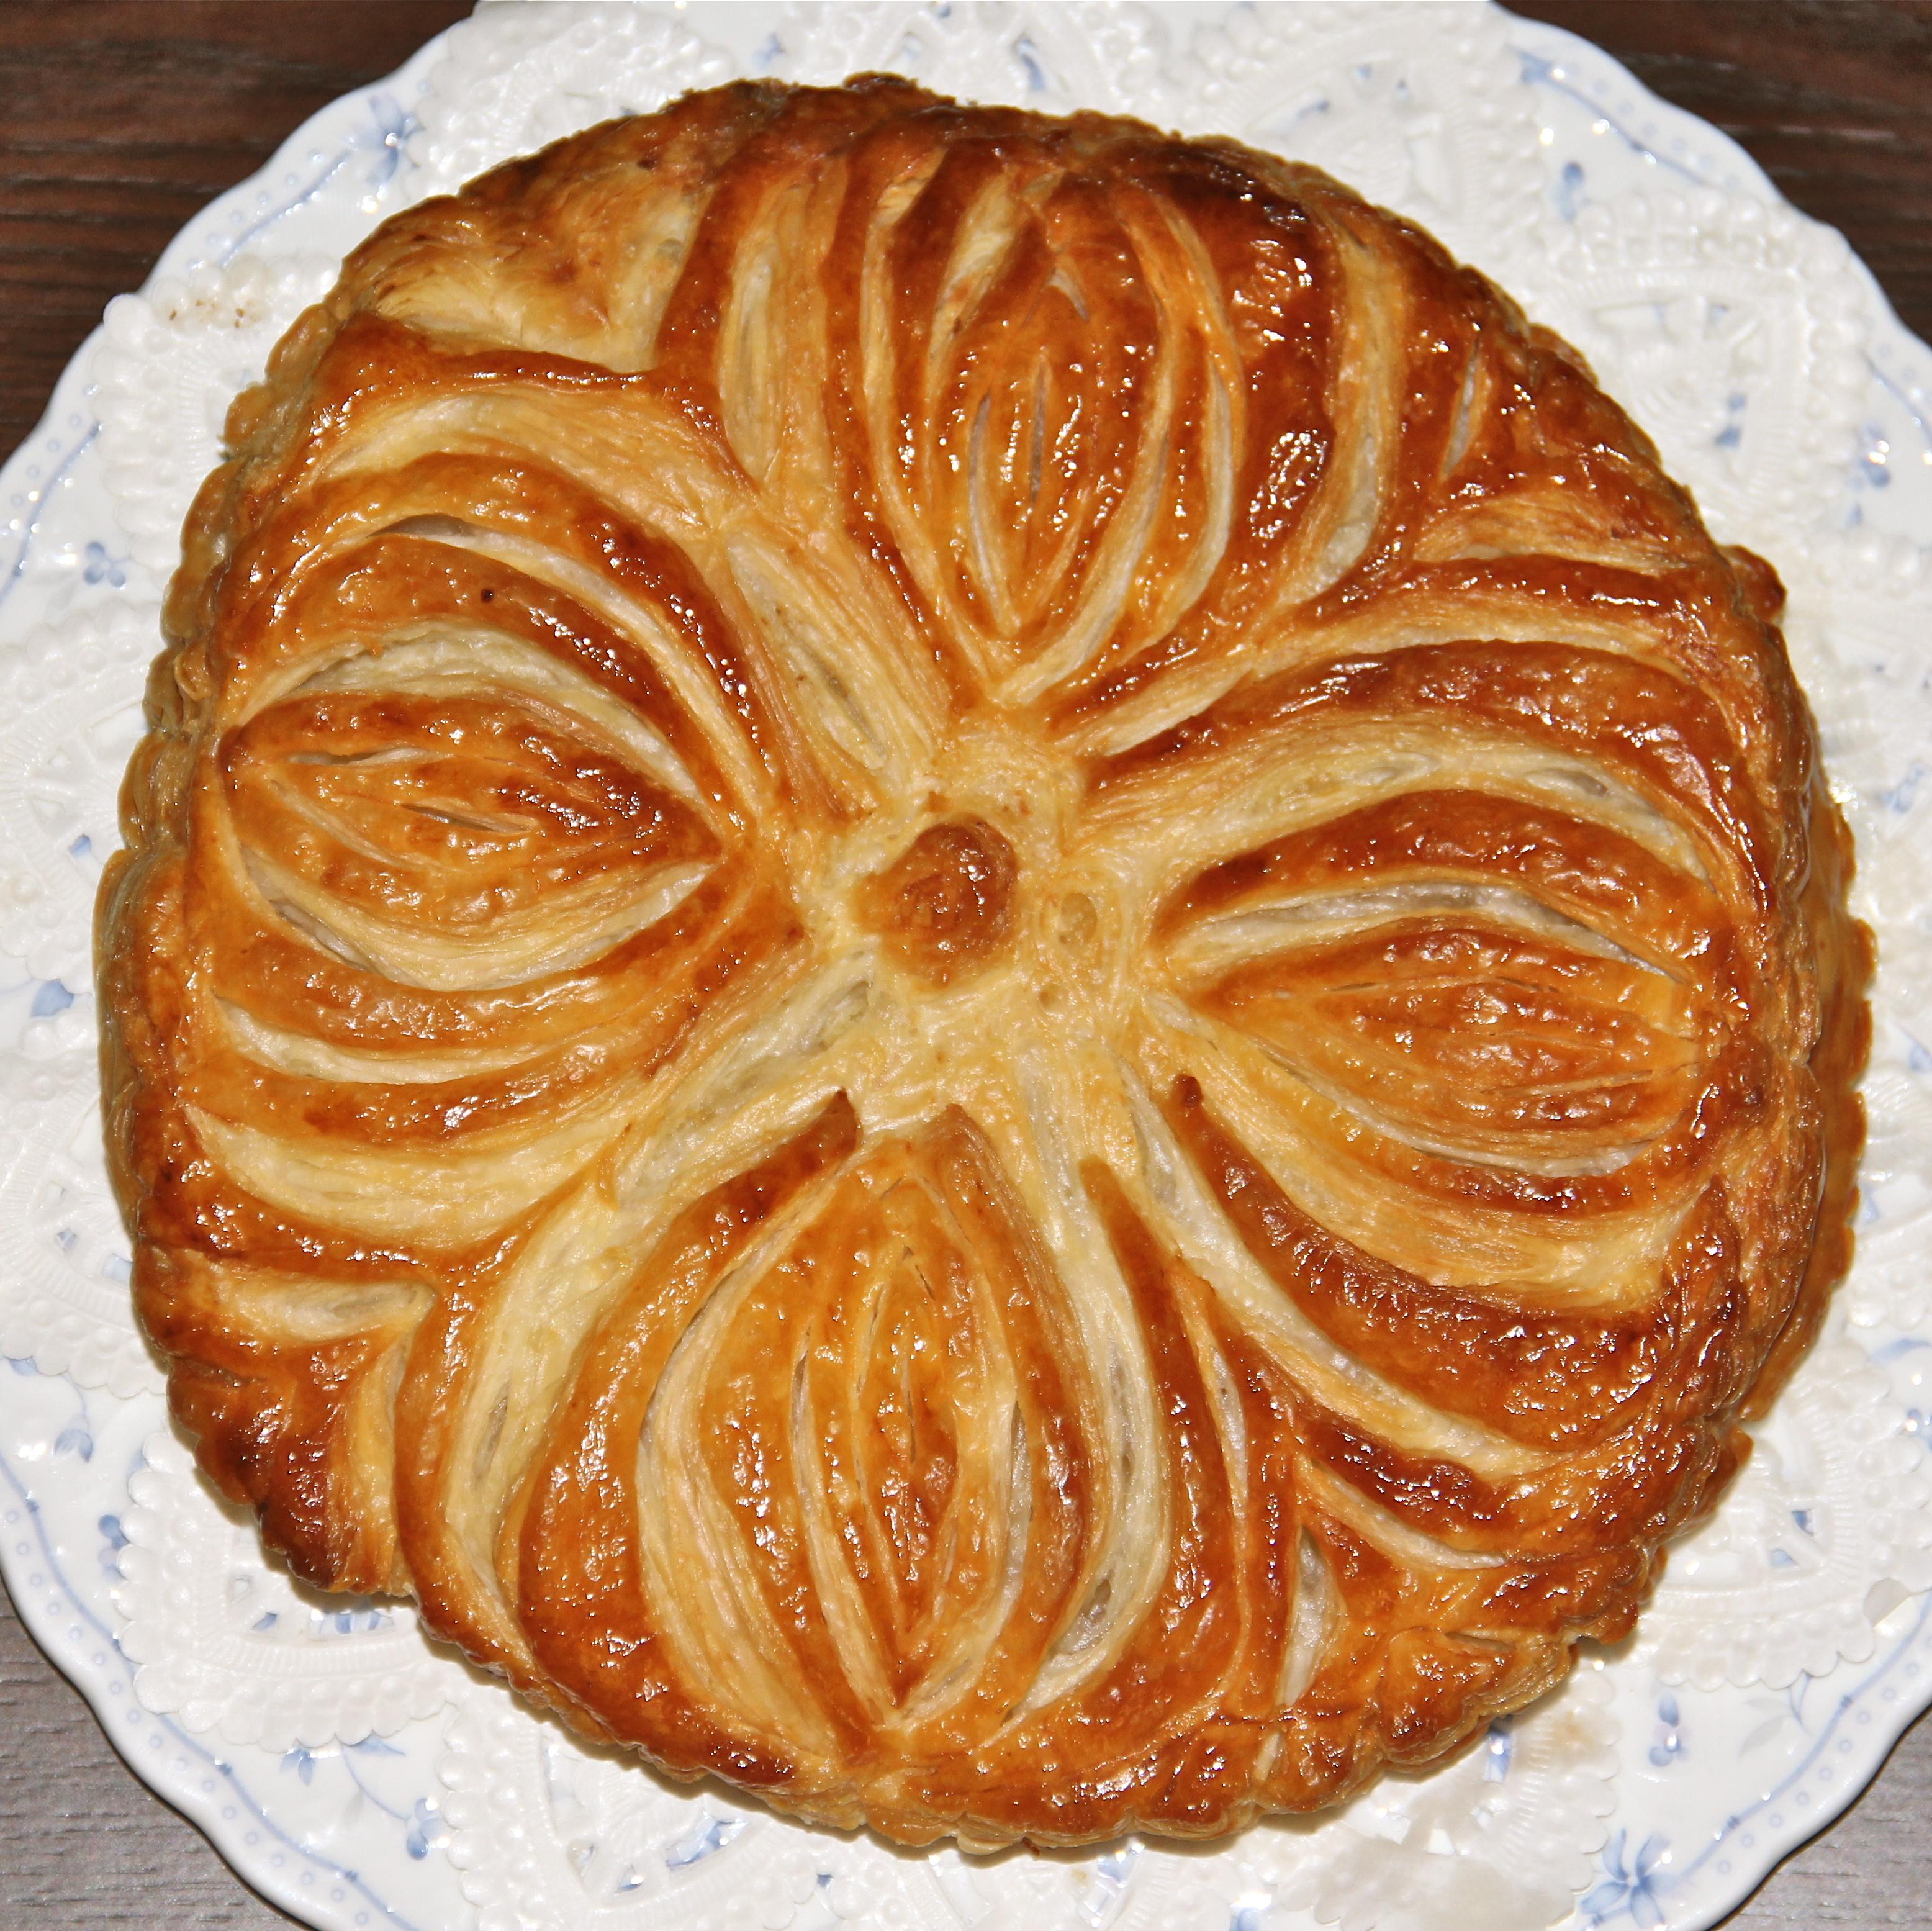 Street food cuisine du monde recette de galette des rois for Decoration galette des rois